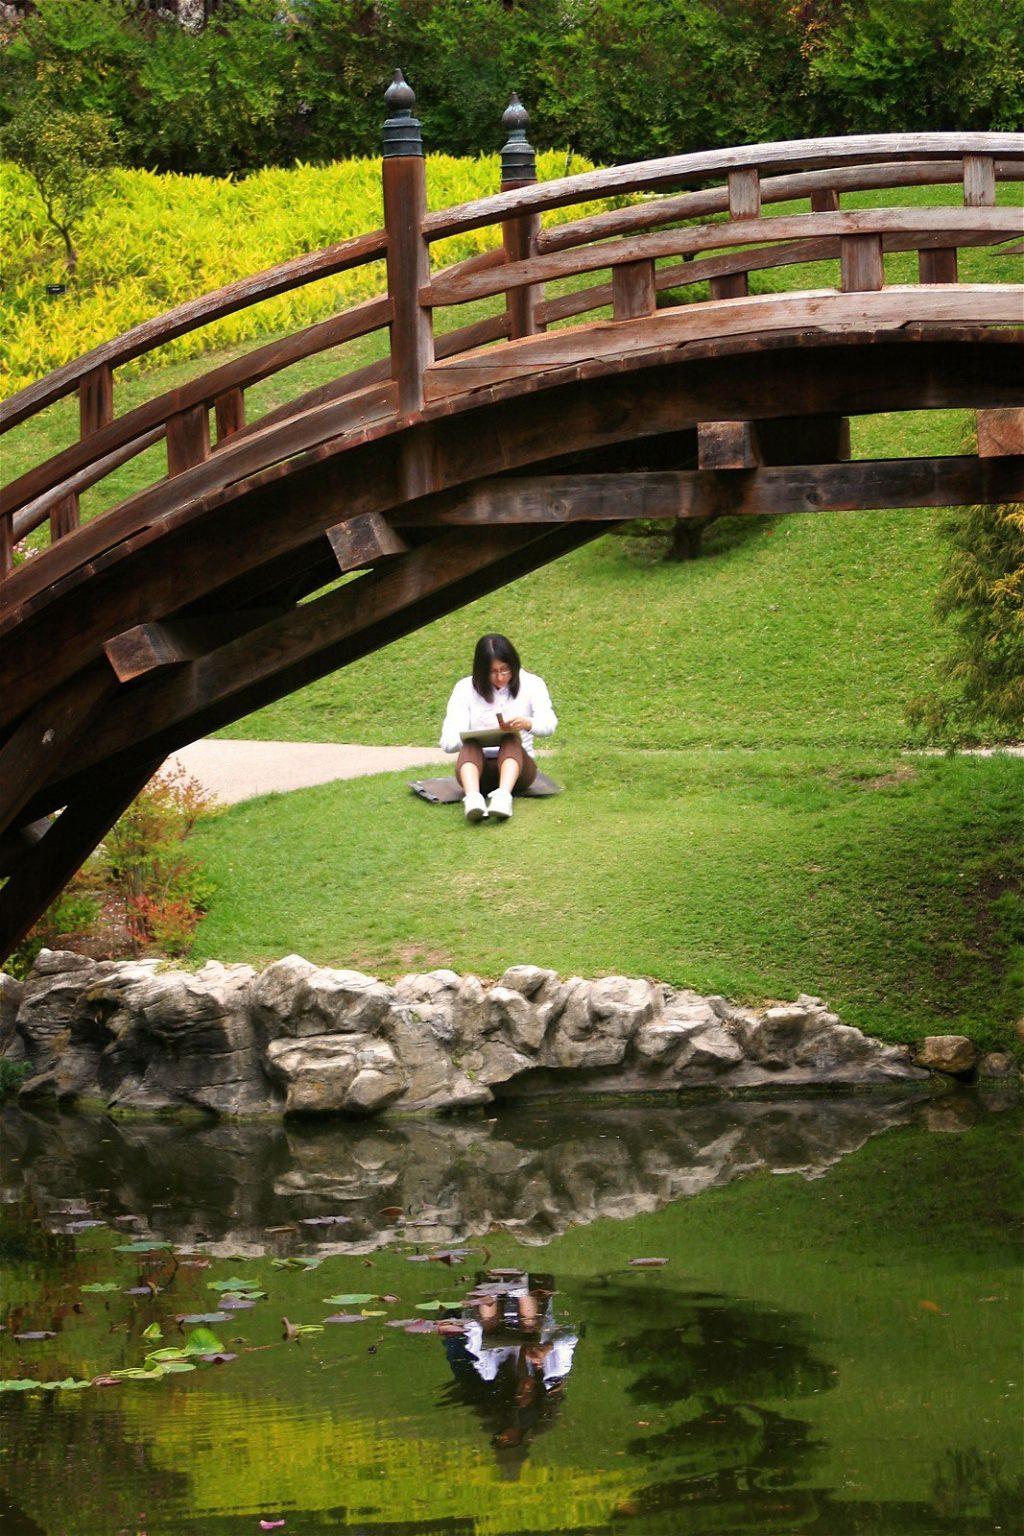 artist under bridge